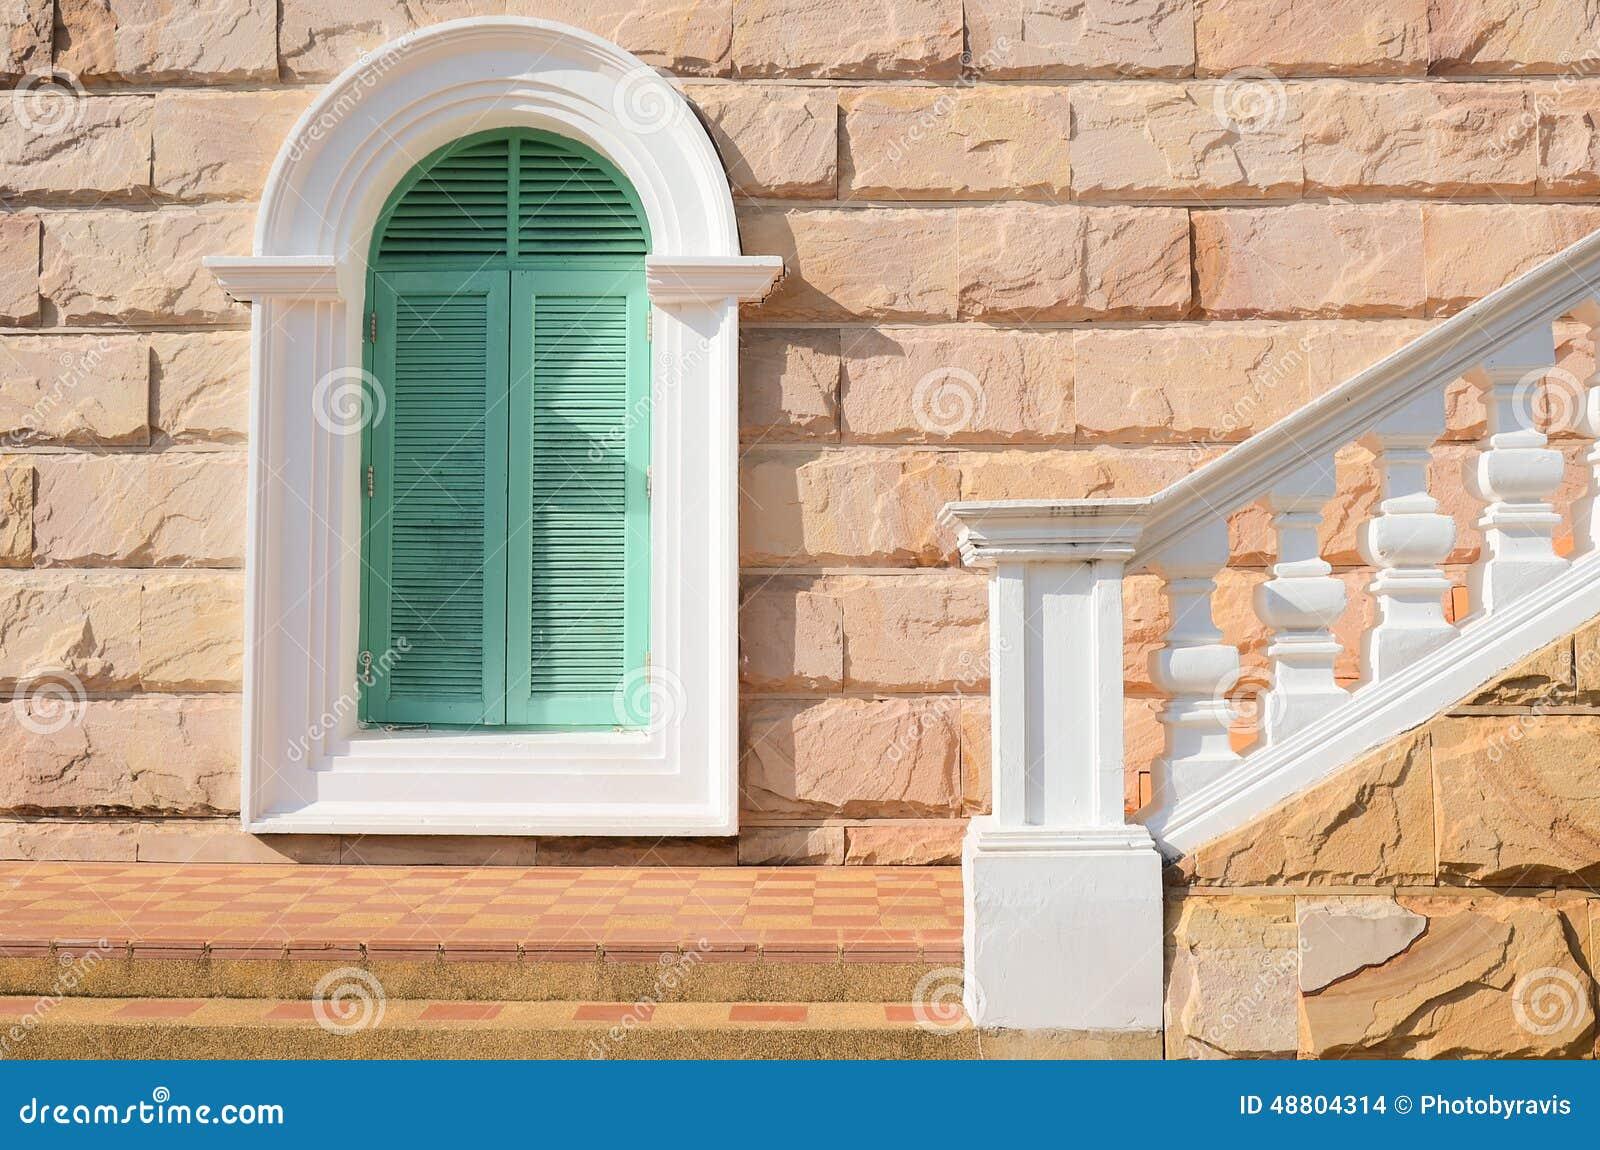 alte treppe und fenster stockfoto bild von geb ude frankreich 48804314. Black Bedroom Furniture Sets. Home Design Ideas